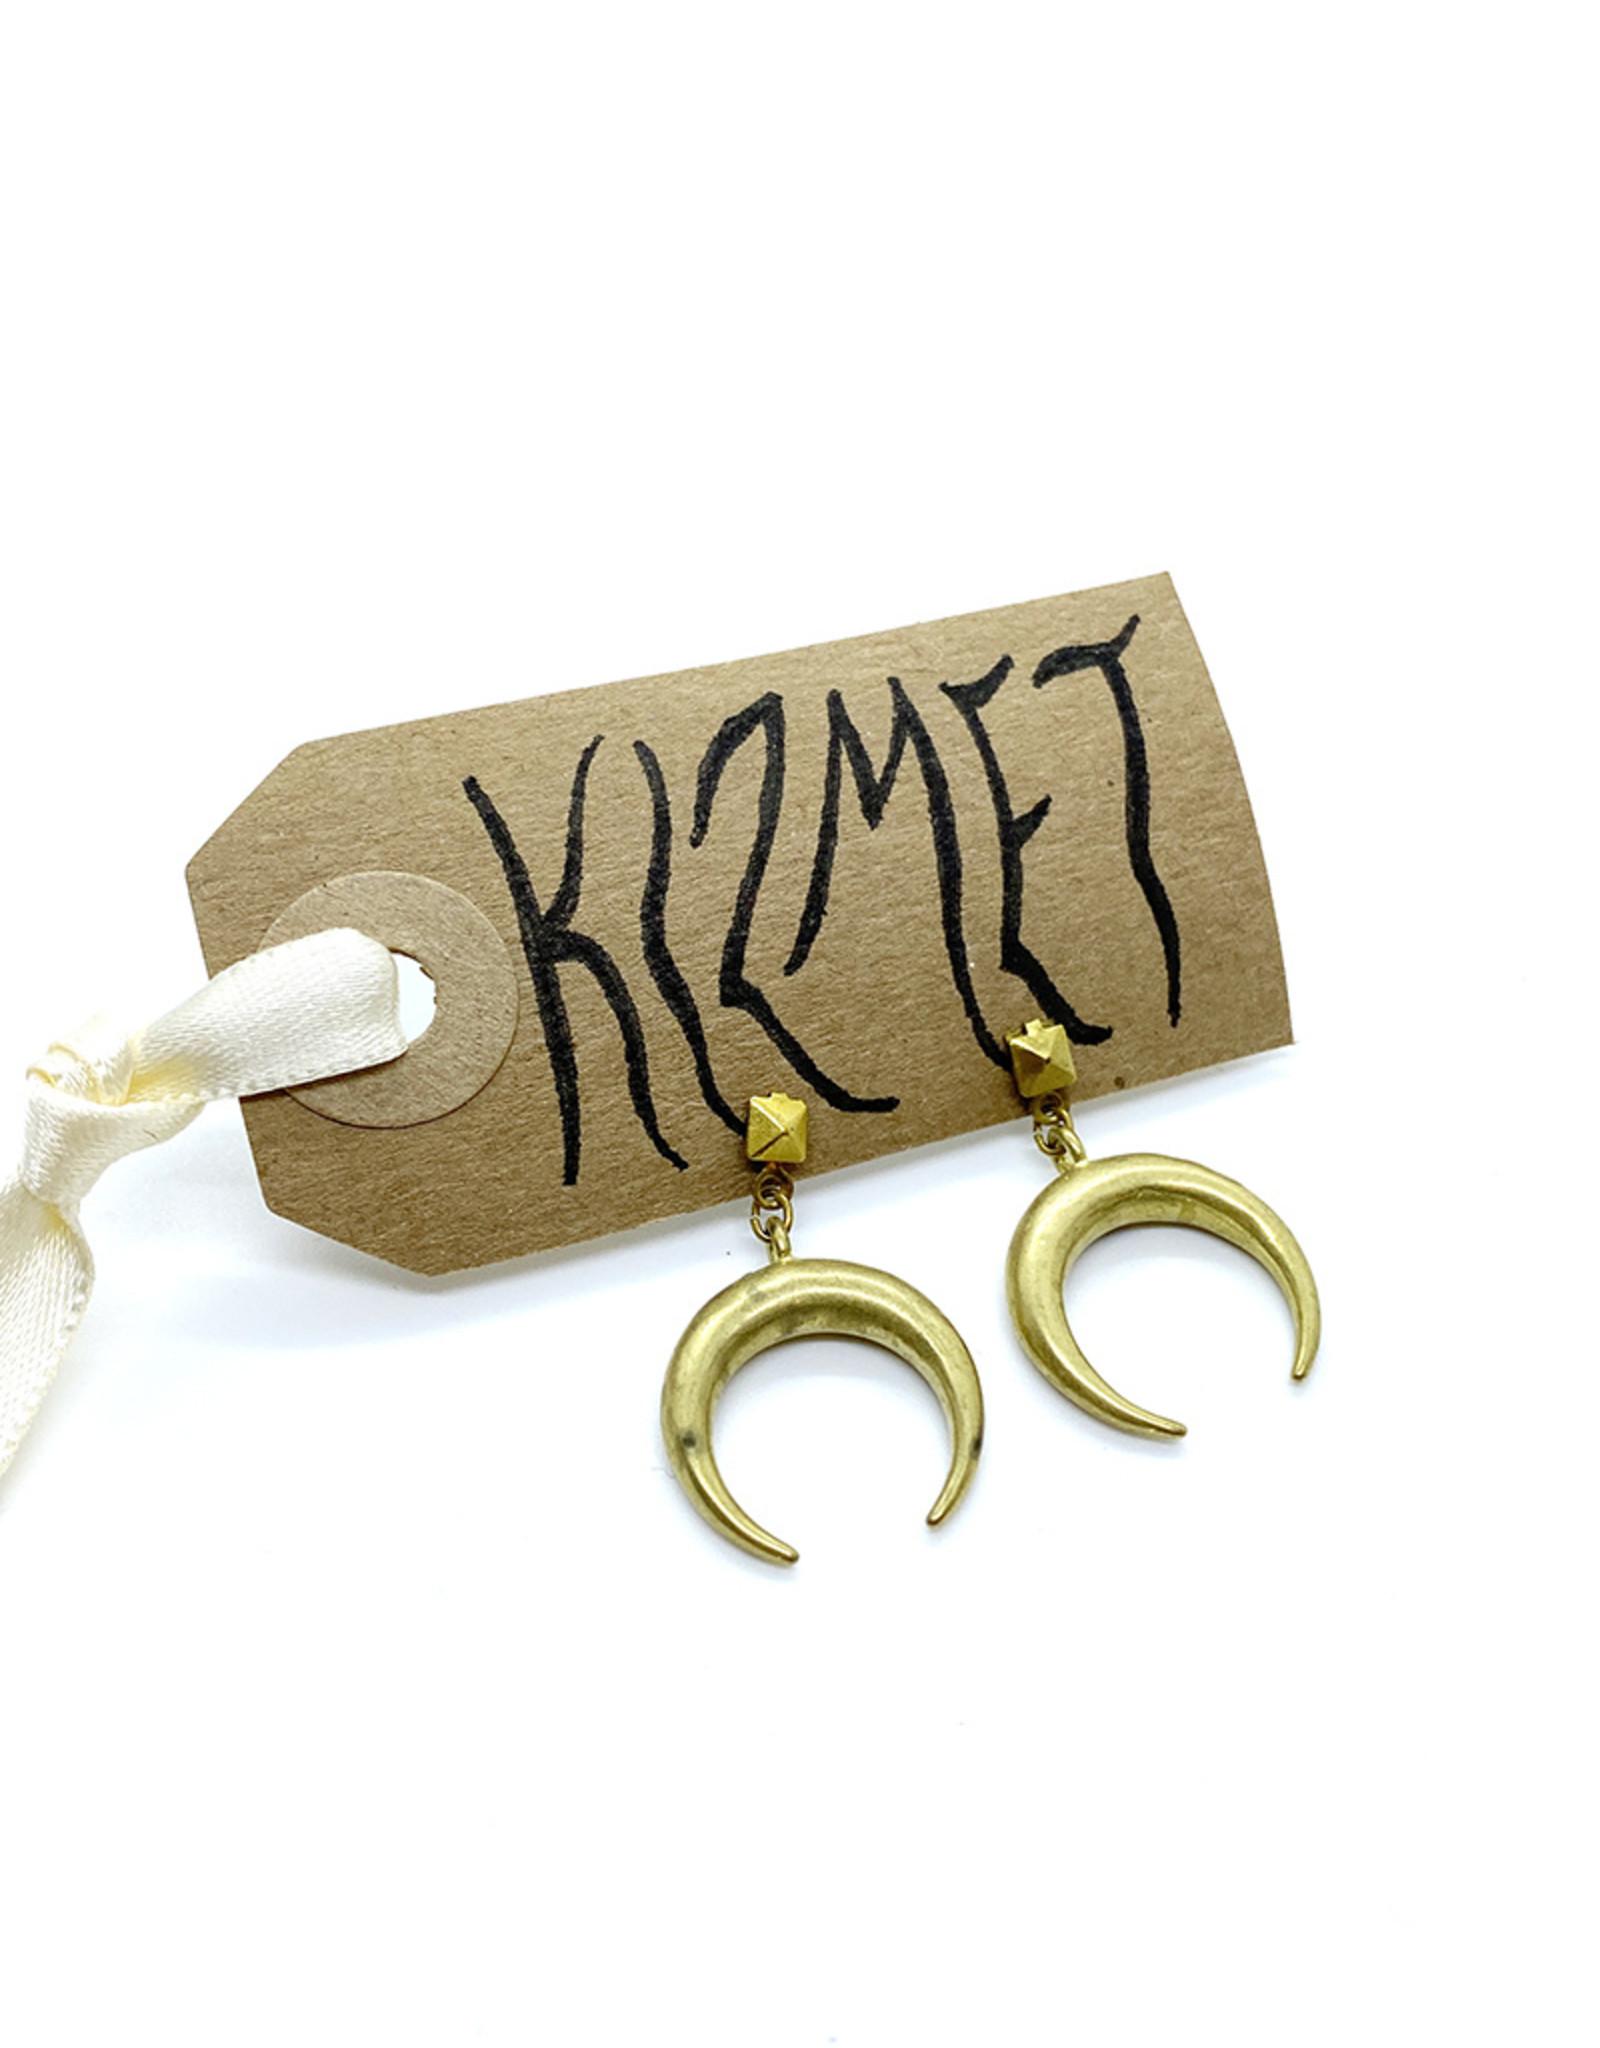 kizmet jewelry Brass Crescent Earrings by Kizmet Jewelry